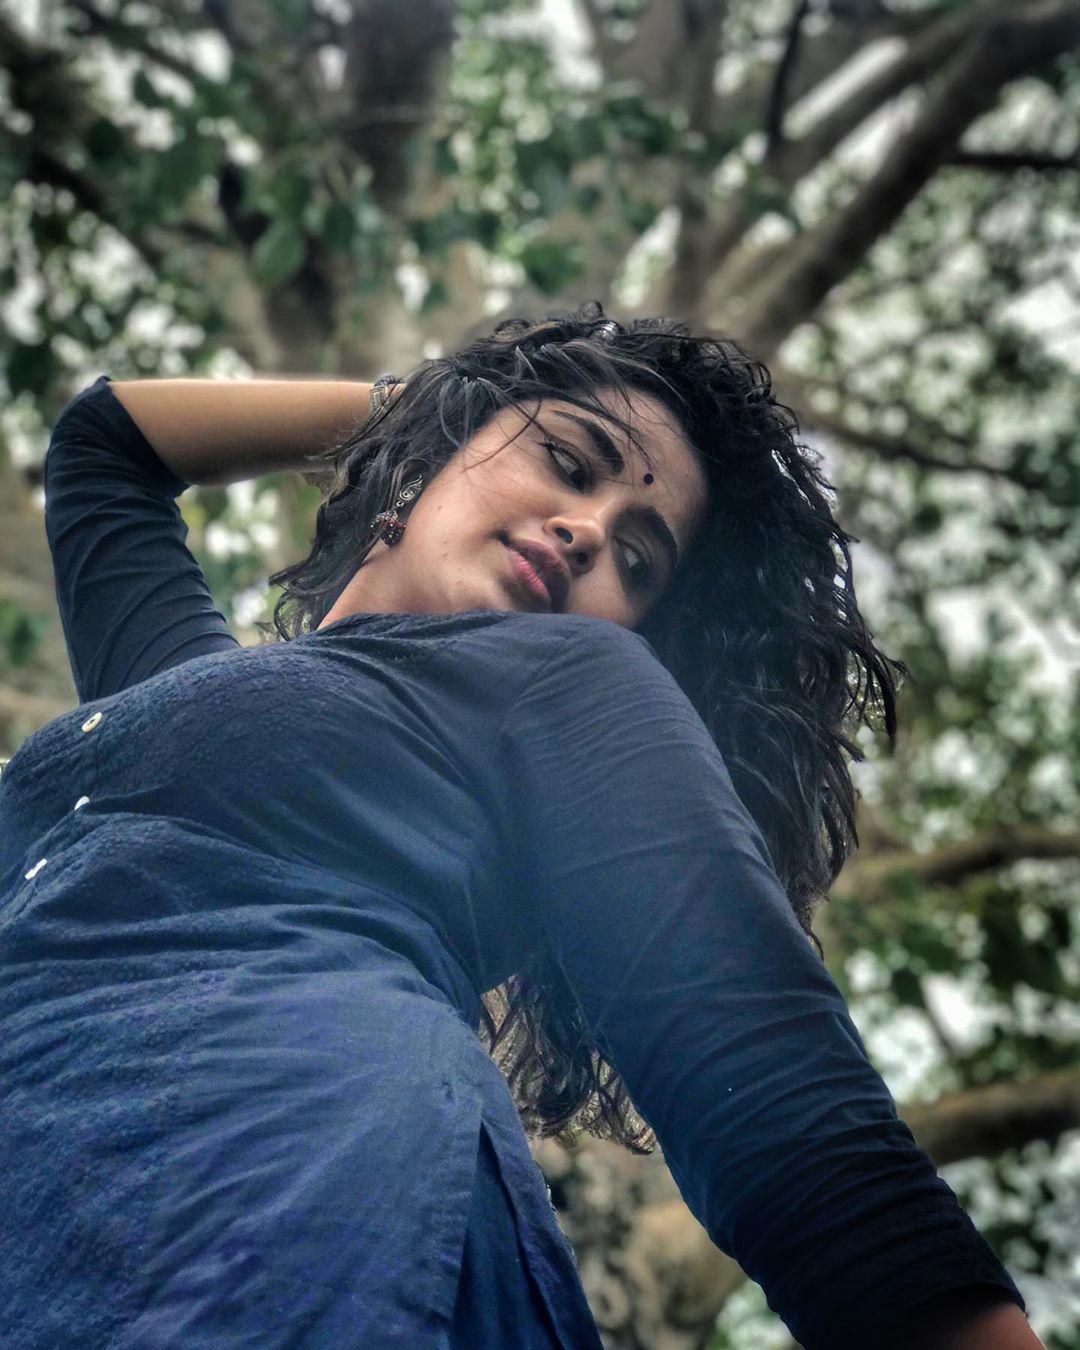 Telugu Anupama Parameswaran Instagram, Anupama Parameswaran Latest Photos, Anupama Parameswaran New Movie, Anupama Parameswaran Photo Shoot-Movie-English